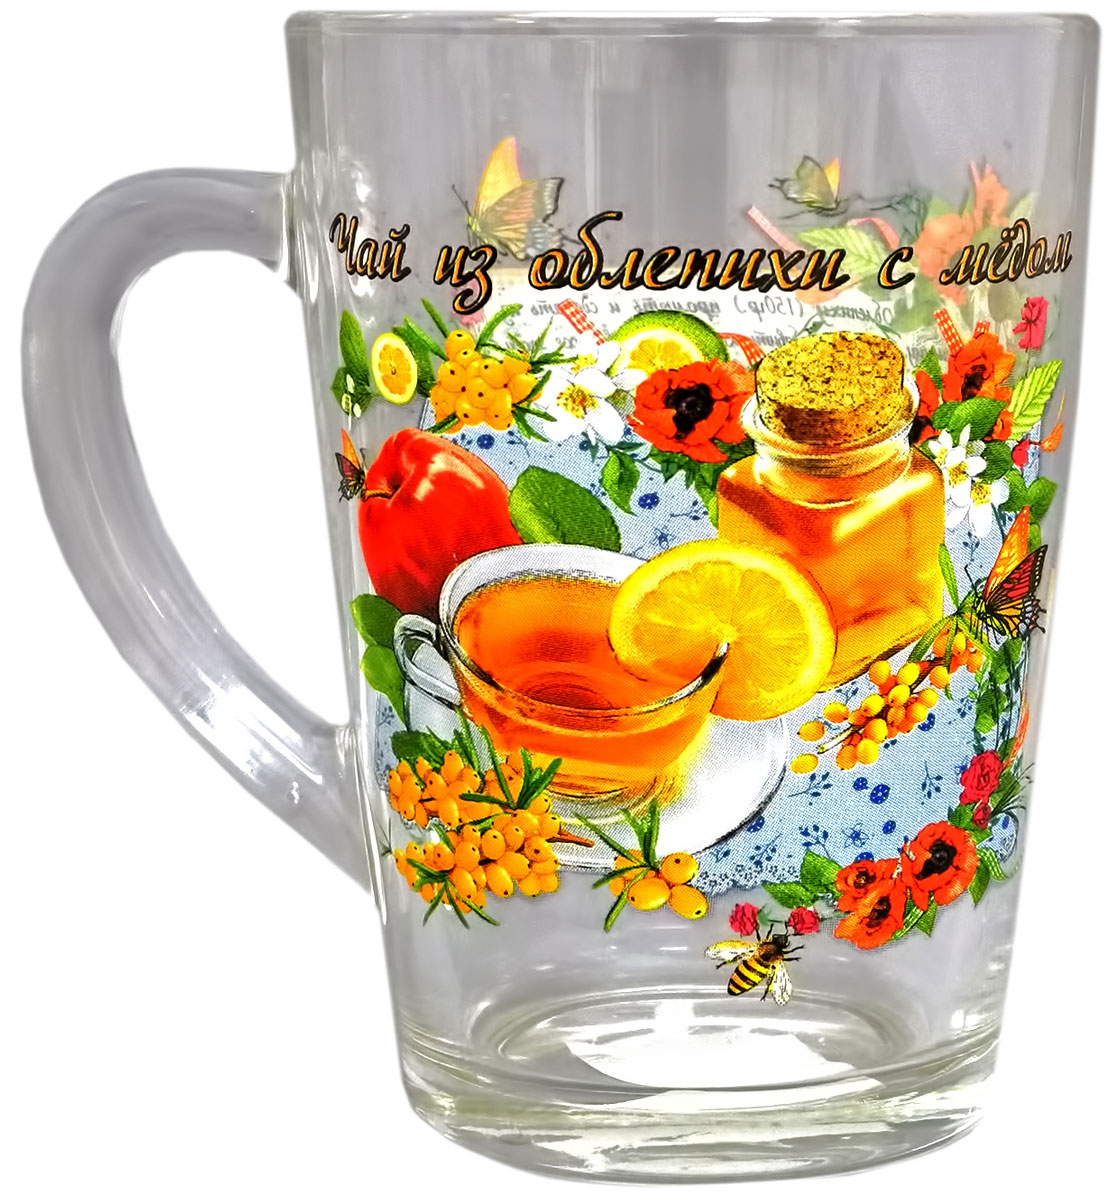 Кружка Квестор Каппучино. Чай из облепихи с медом, 300 мл103-009Кружка Каппучино. Чай из облепихи с медом выполнена из стекла. Внешняя сторона оформлена оригинальным рисунком и надписью.Кружка сочетает в себе оригинальный дизайн и функциональность. Благодаря такой кружке пить напитки будет еще вкуснее.